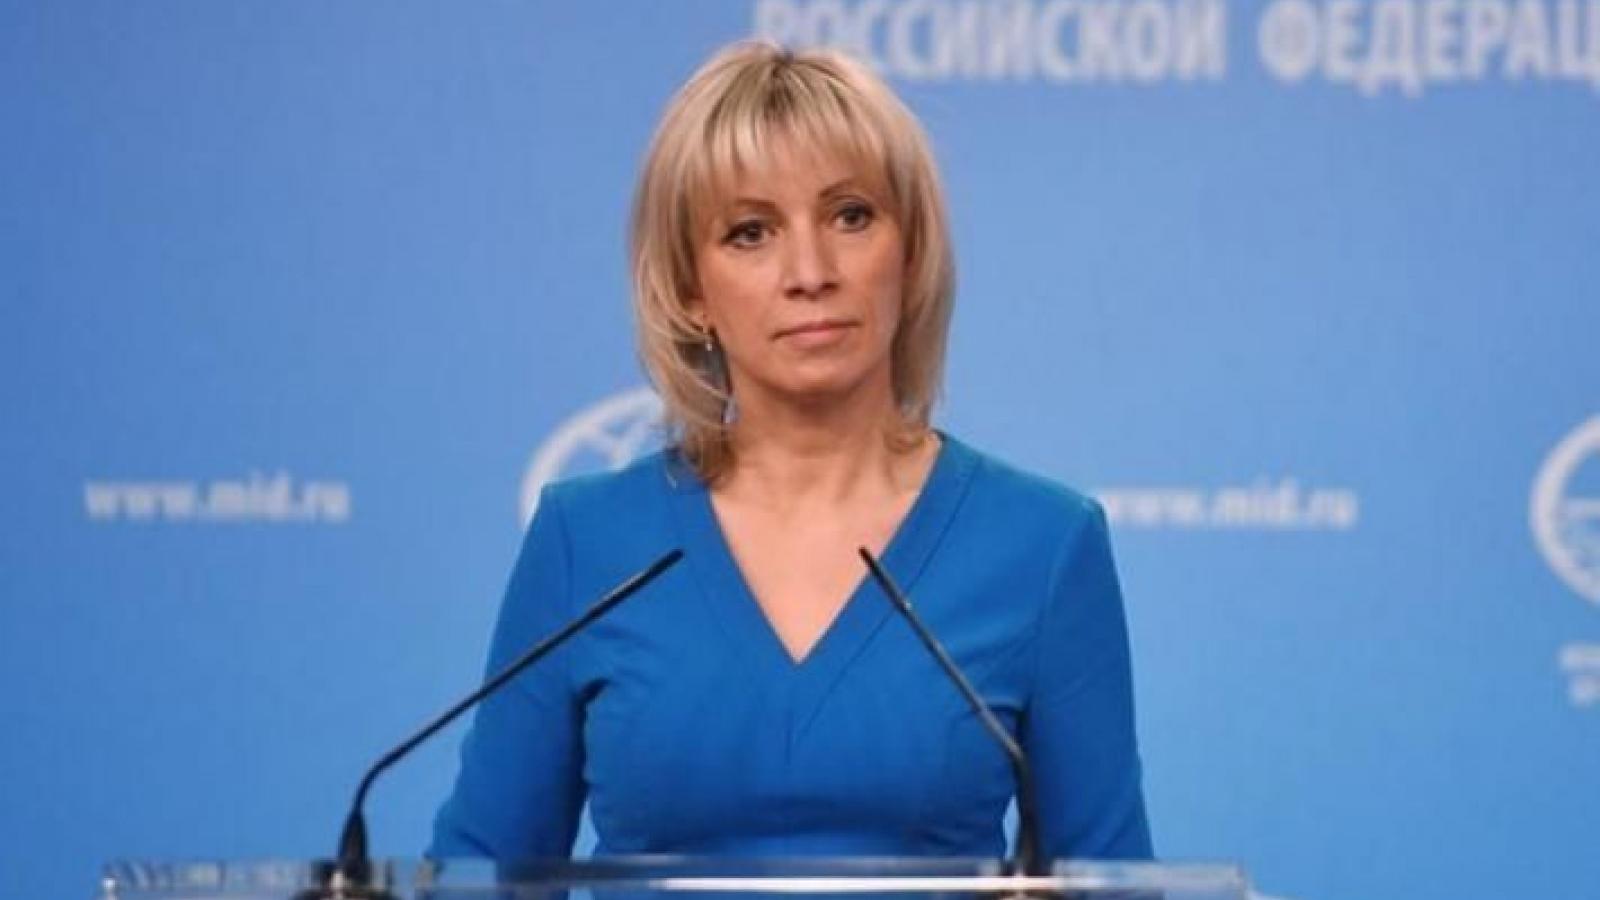 Nga gọi việc Ba Lan, Thụy Điển và Đức trục xuất các nhà ngoại giao là hành động vô lý